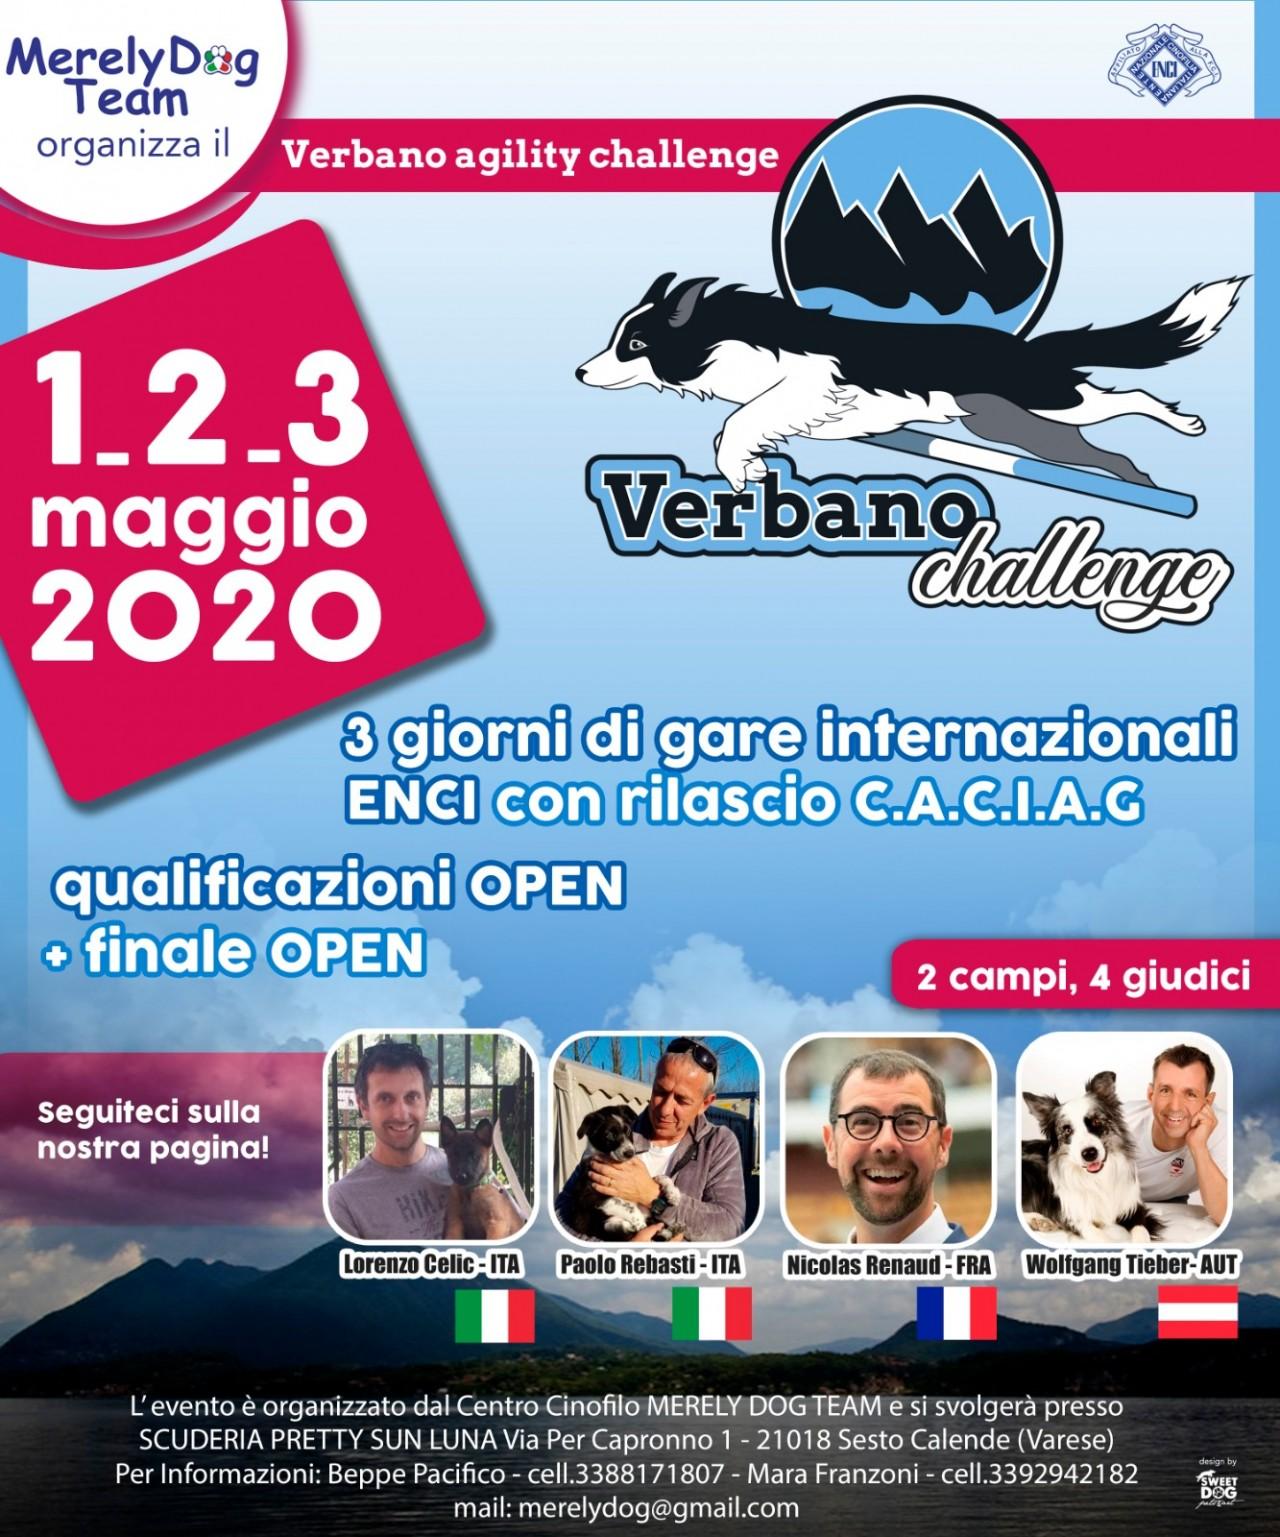 Verbano Challenge Agility Open 1